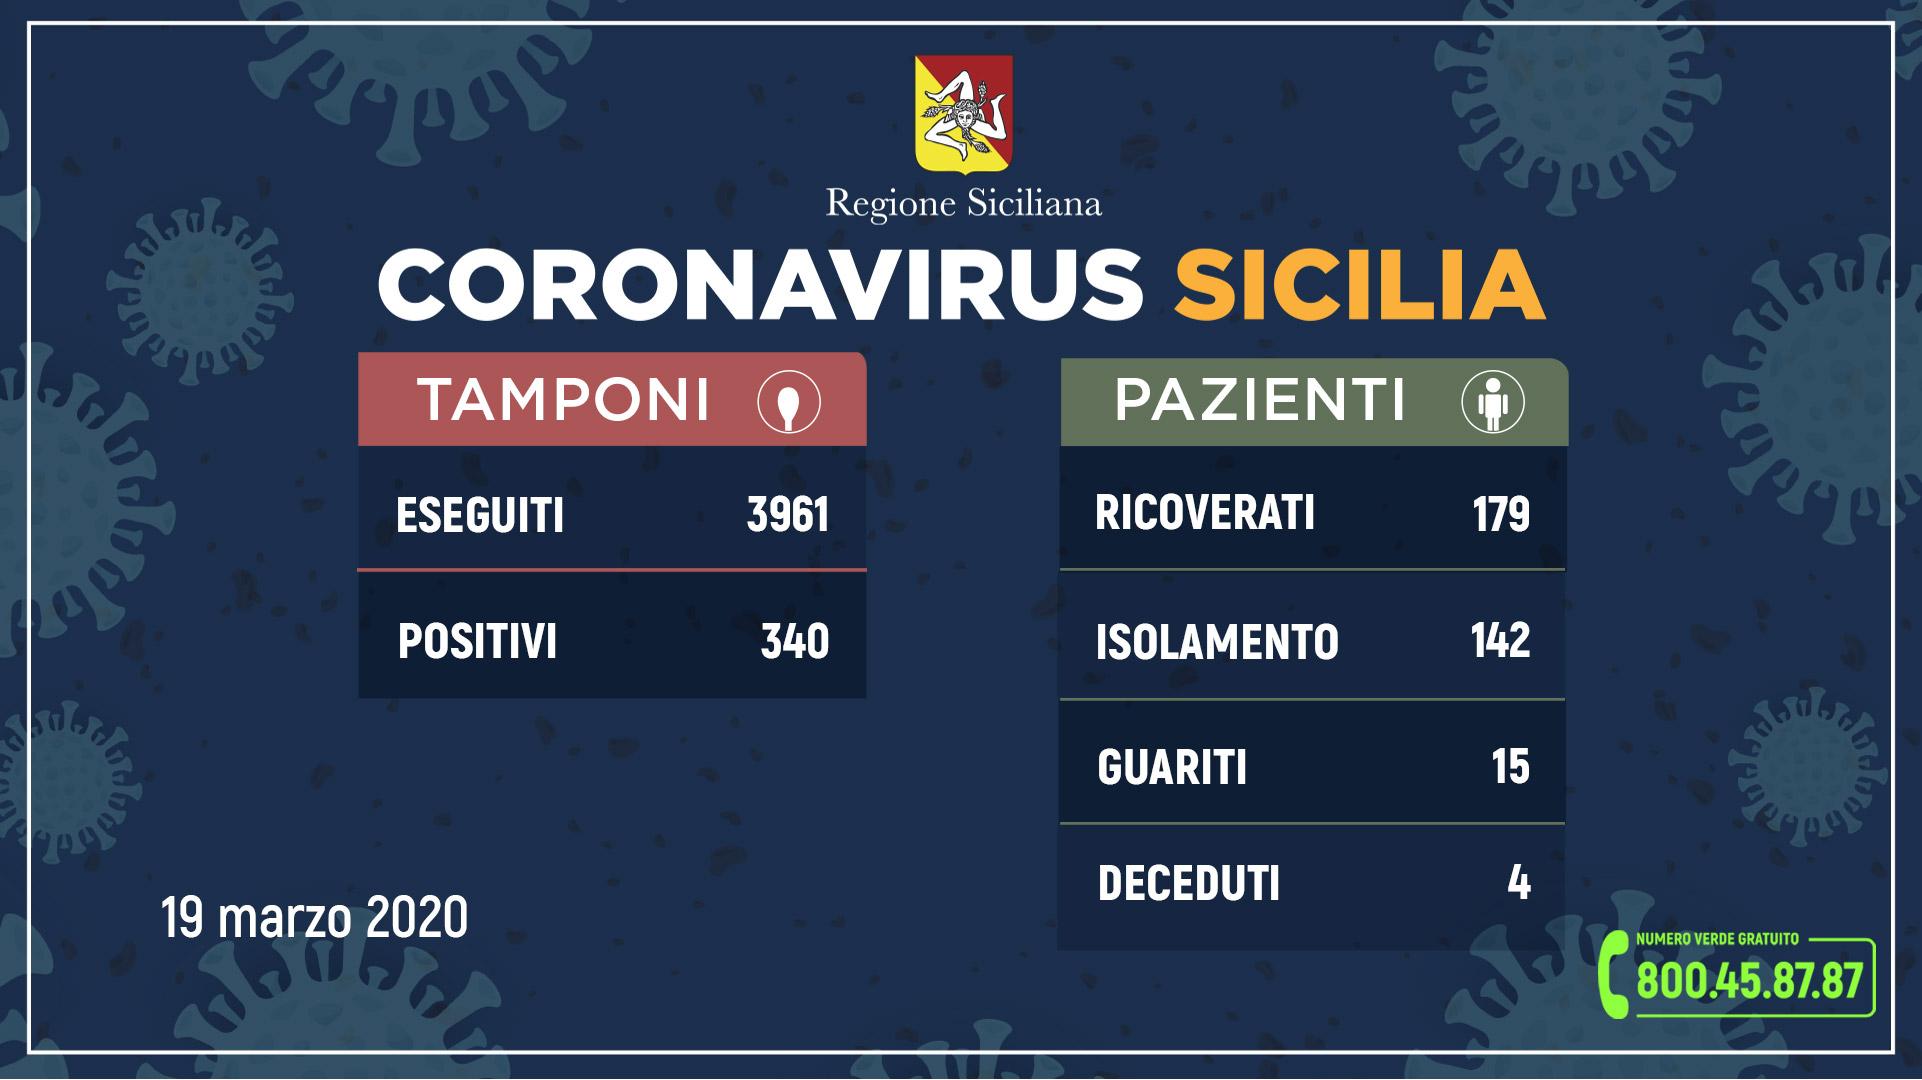 tabella dei dati della regione siciliana sul coronavirus in sicilia aggiornati alle 12.00 del 19 marzo 2020